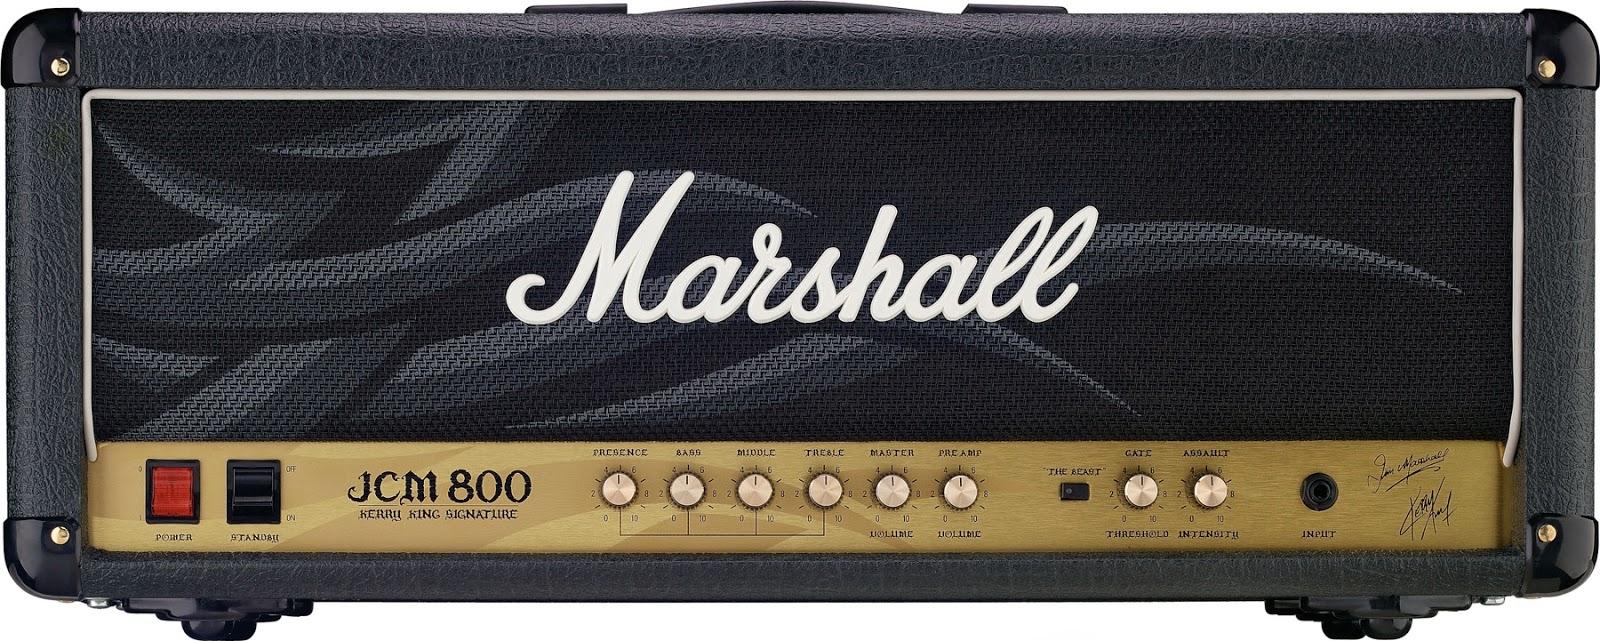 Marshall Jcm 2000 Dsl 50 Schematic Design Vs Design - iepolv